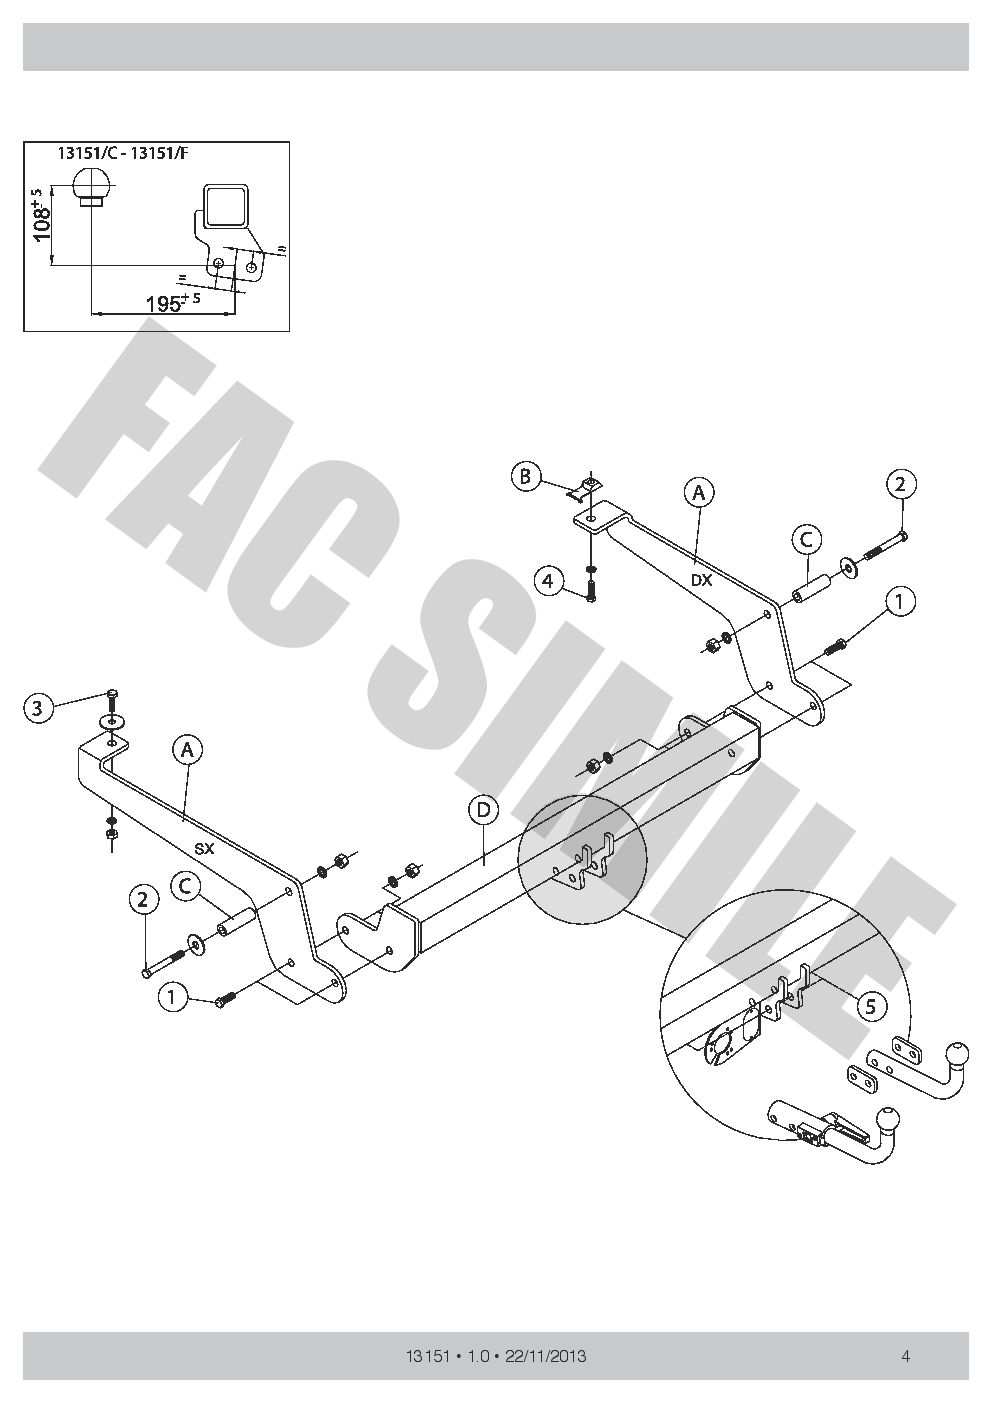 AHK Abnehmbare Anhängerkupplung 7p E-Satz Peugeot Expert Van 2007-2016 1315/_A5